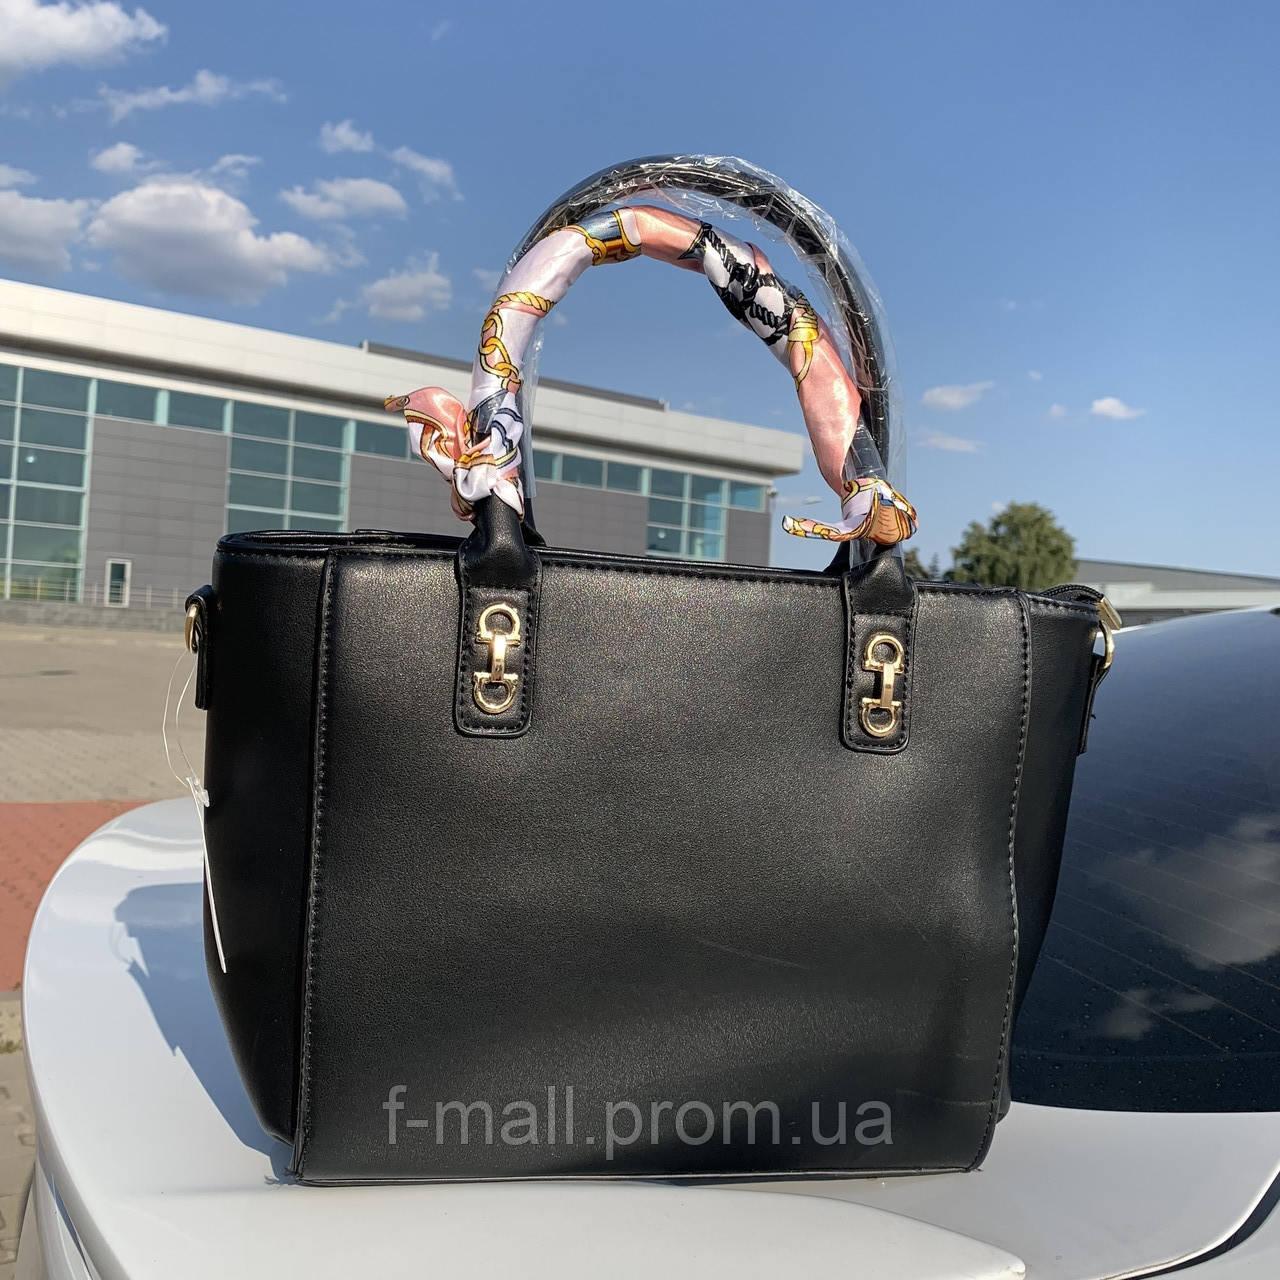 Женская сумка черная  (311)